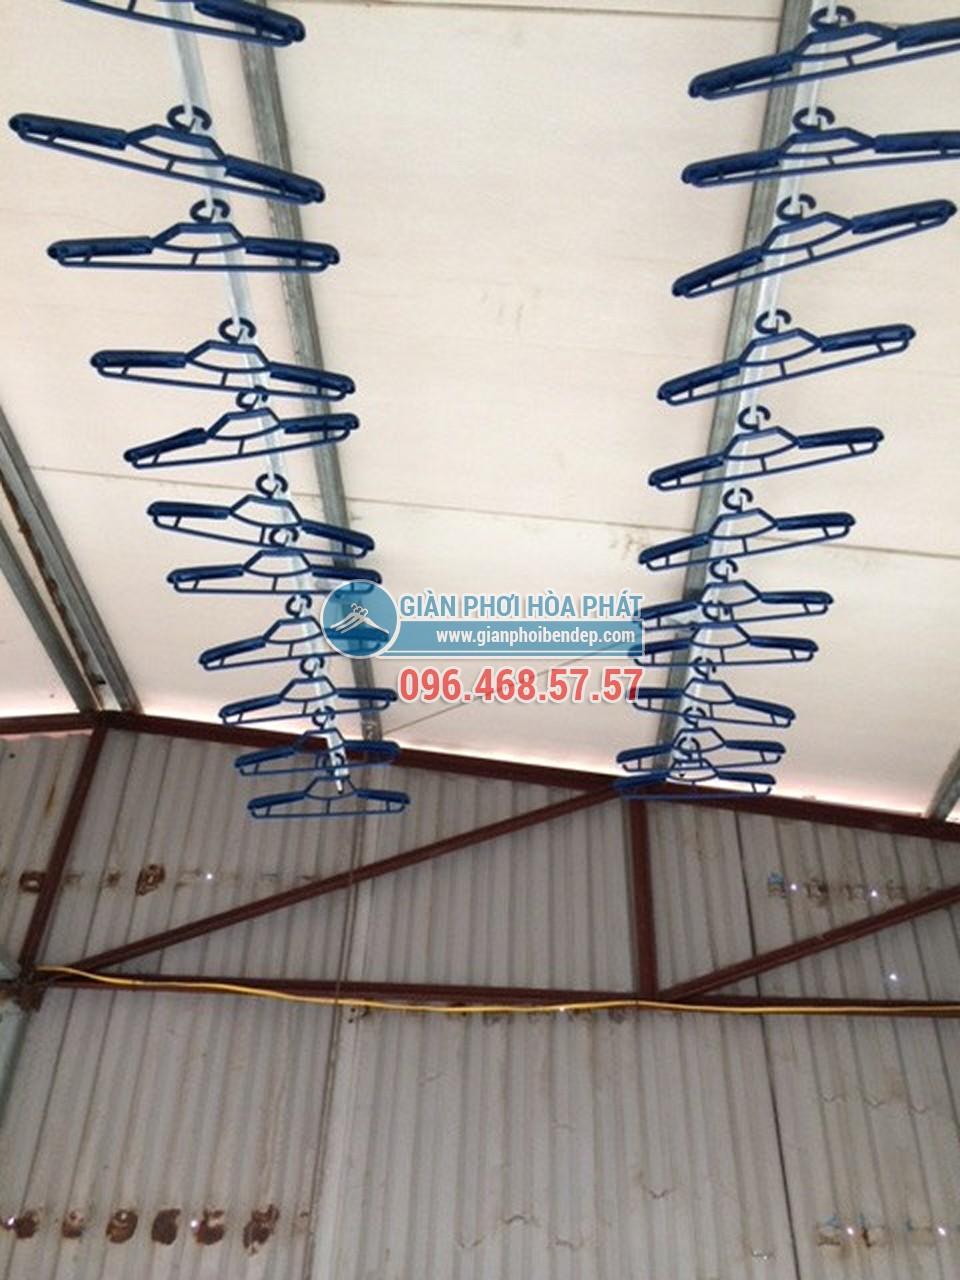 Sân phơi đẹp hiện đại nhờ lắp đặt giàn phơi thông minh nhà chị Hiền, ngõ 103 Thanh Nhàn - 02